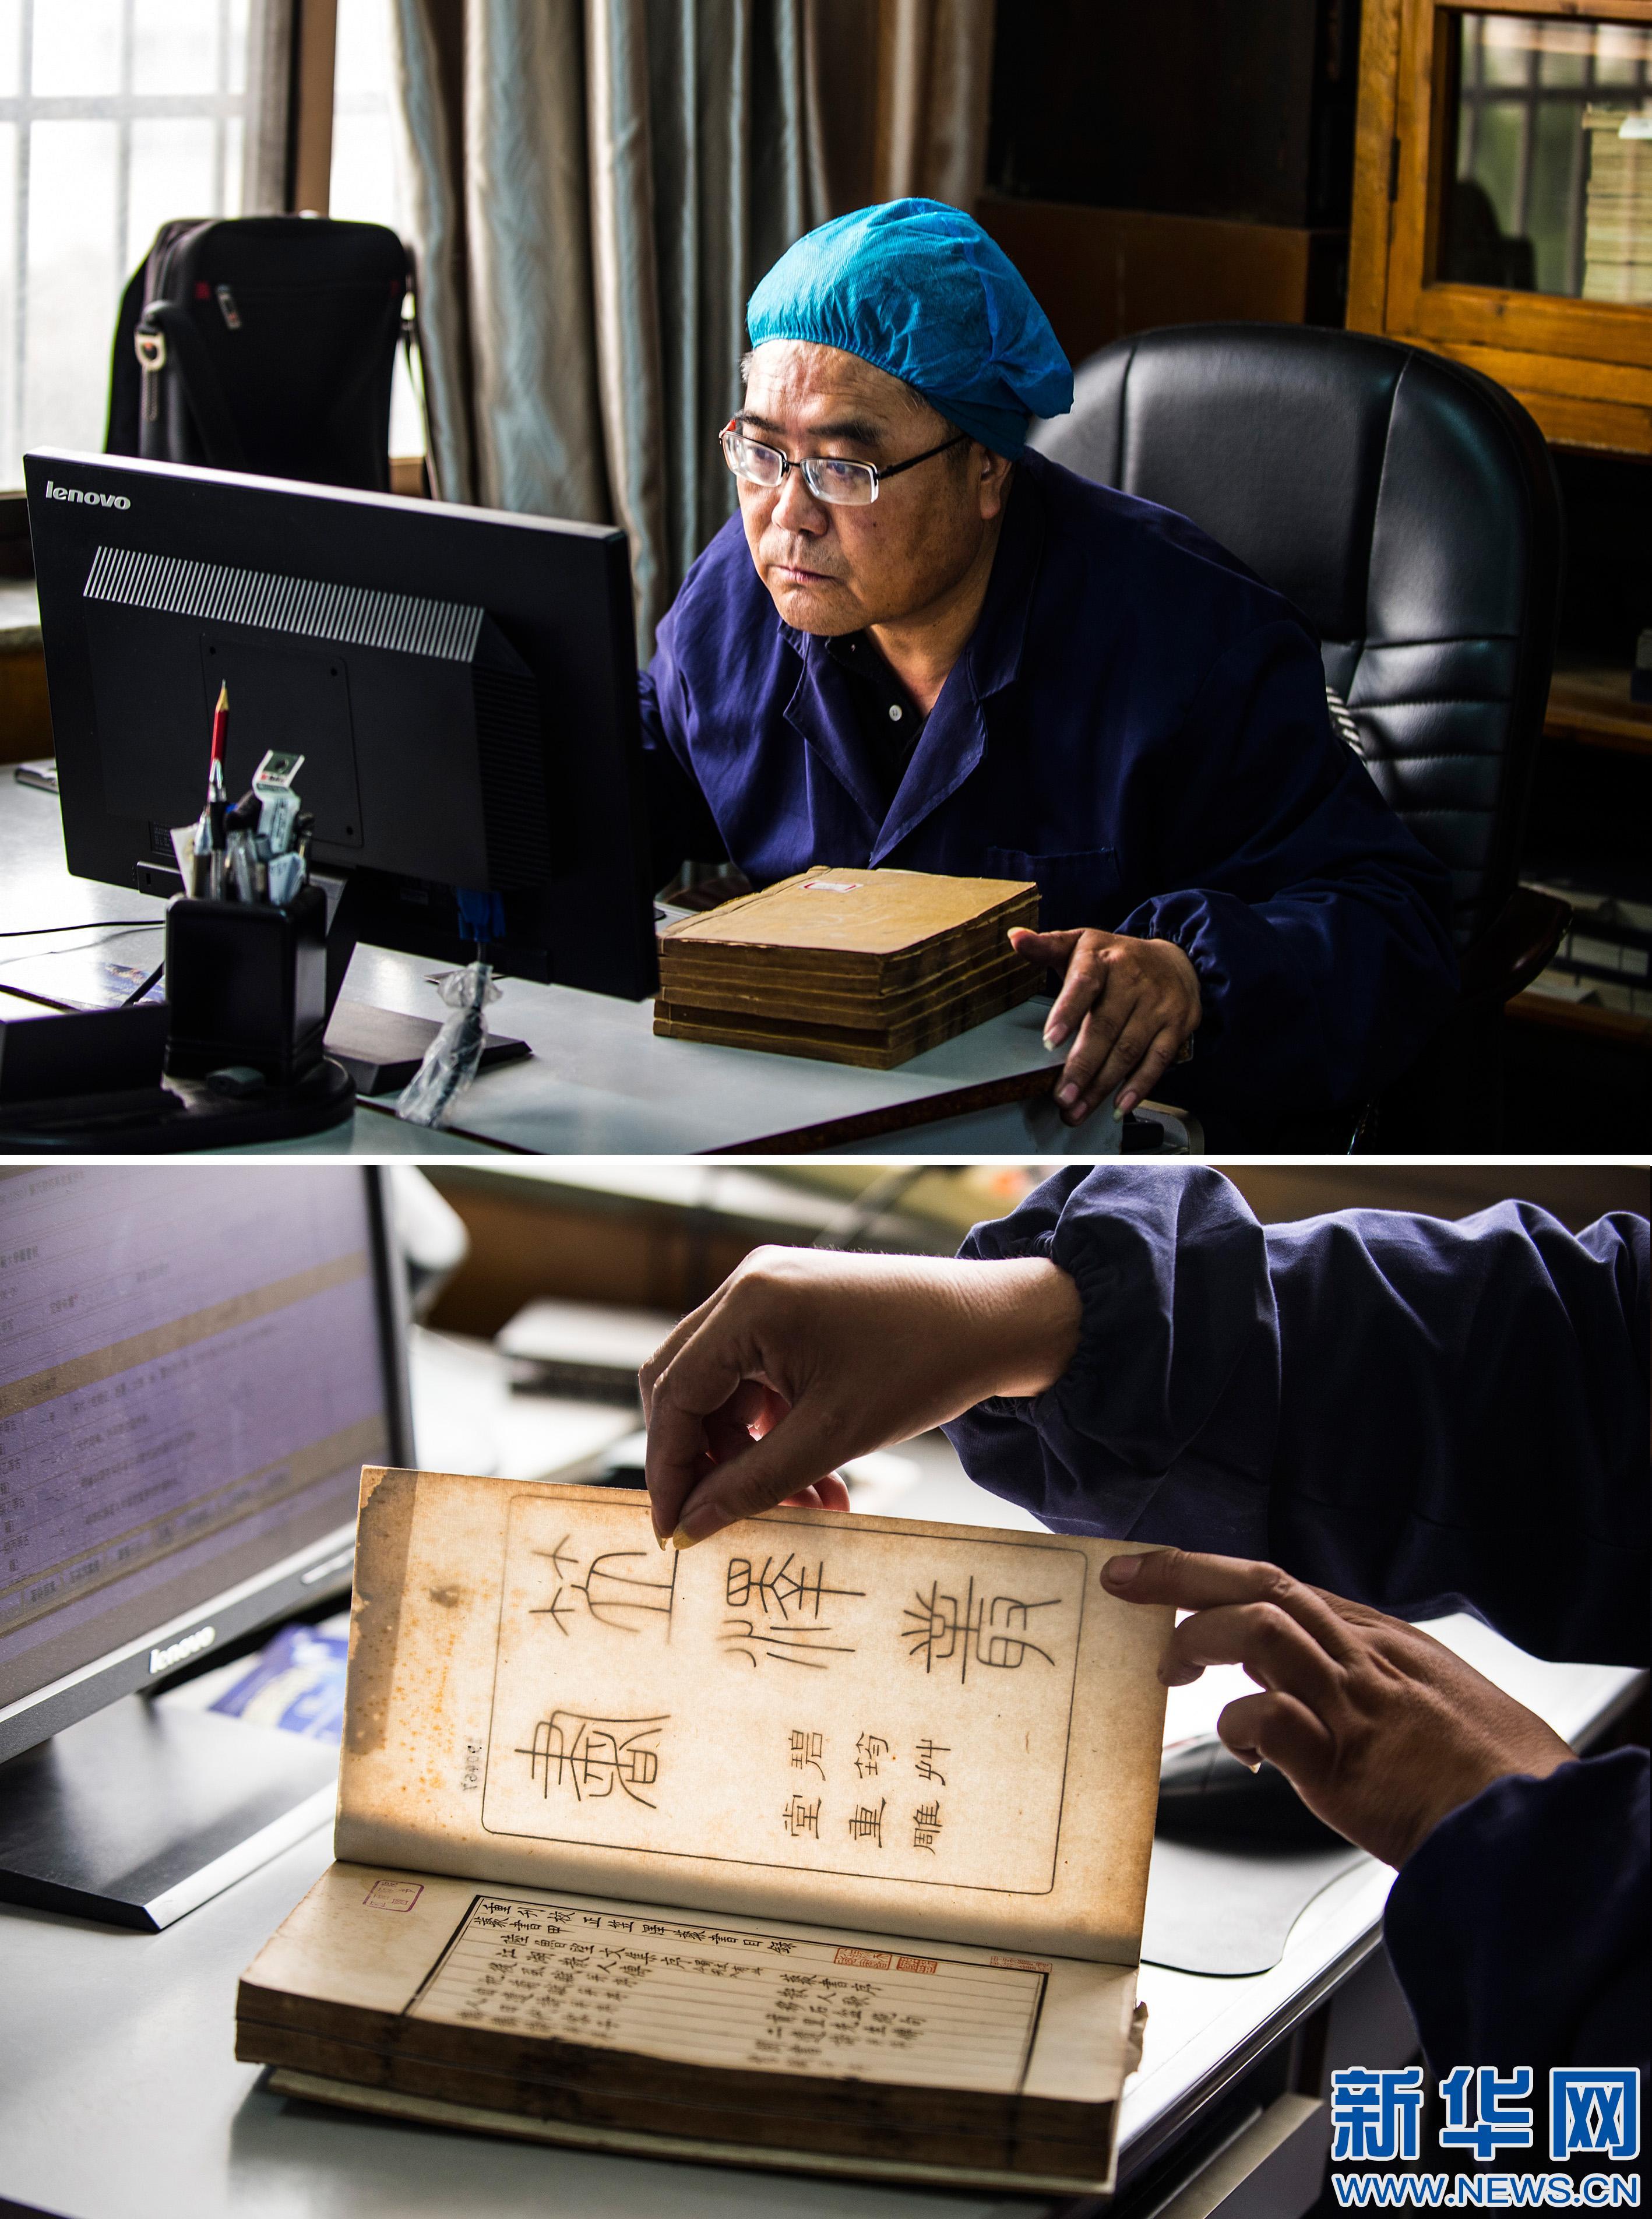 古籍整理:抚摩字里行间的千年时光